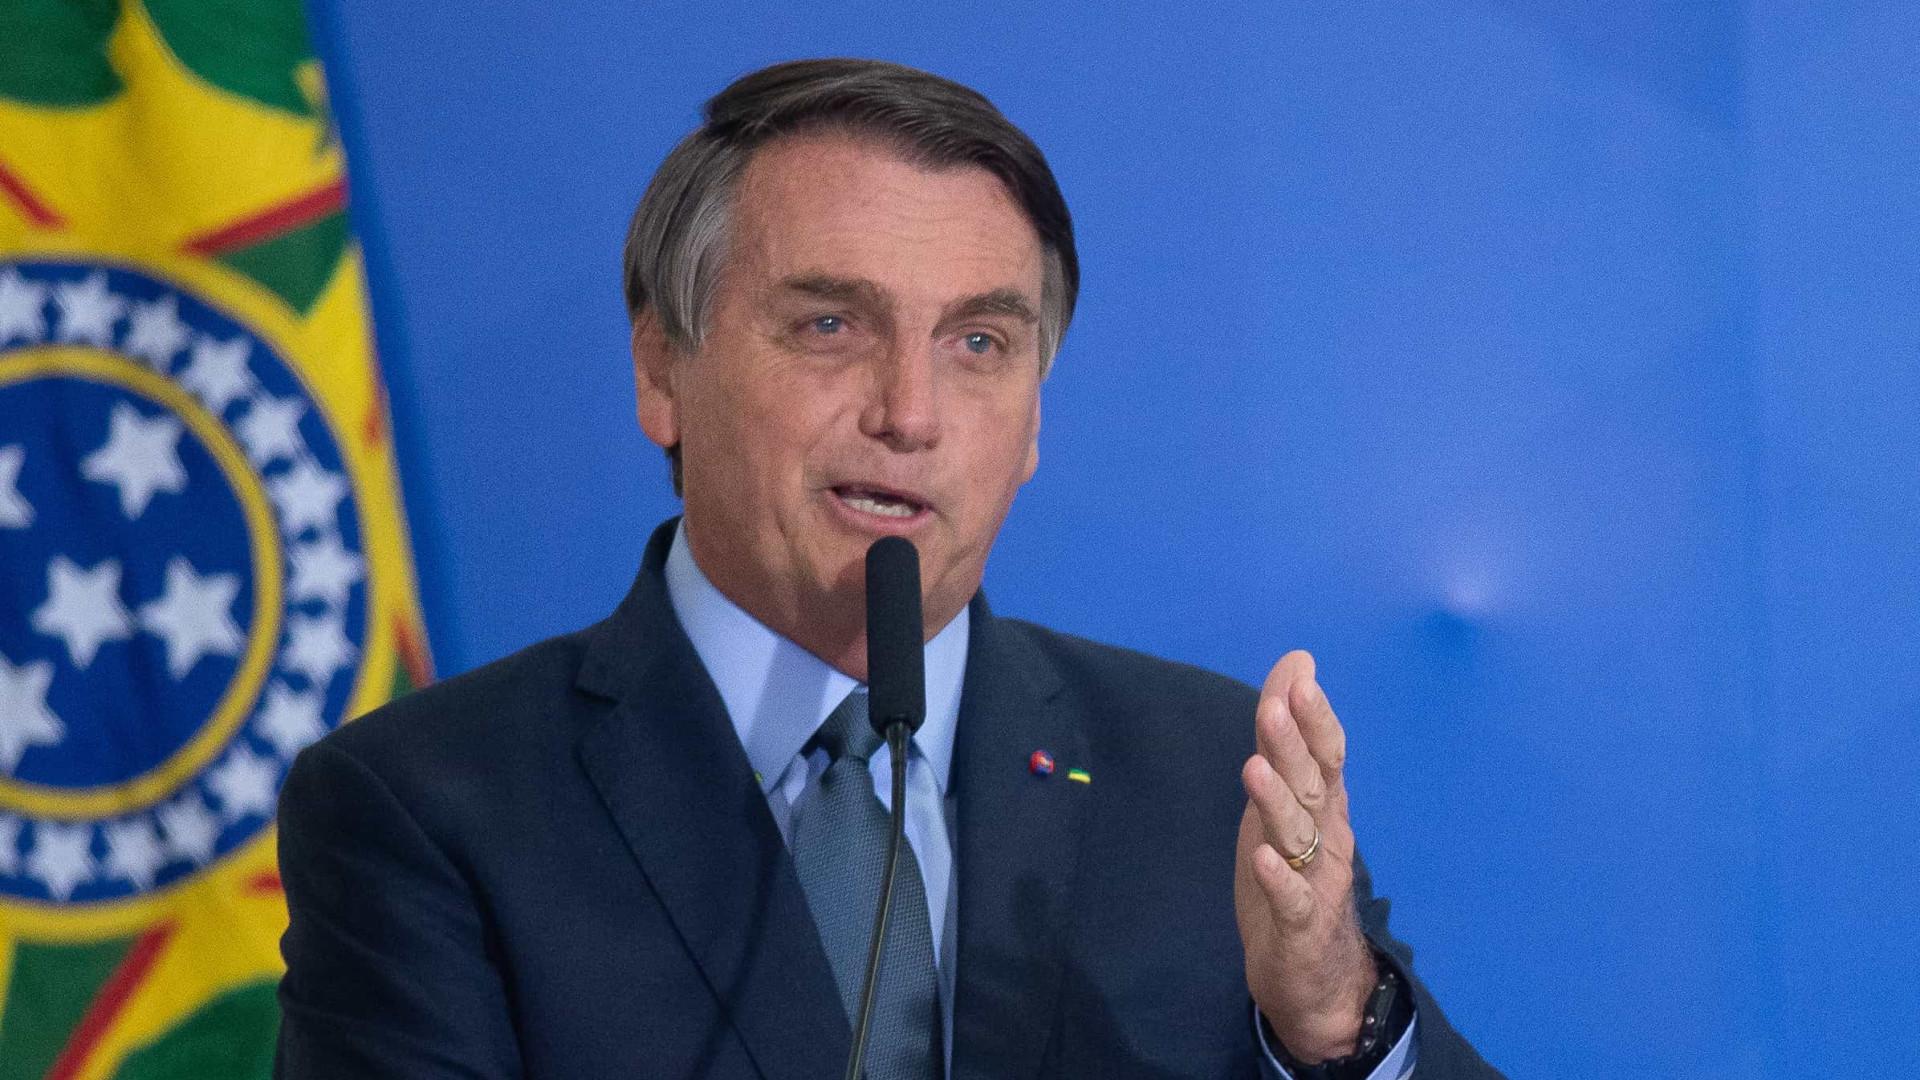 Não há mais 'saco de maldades' contra produtores, diz Bolsonaro